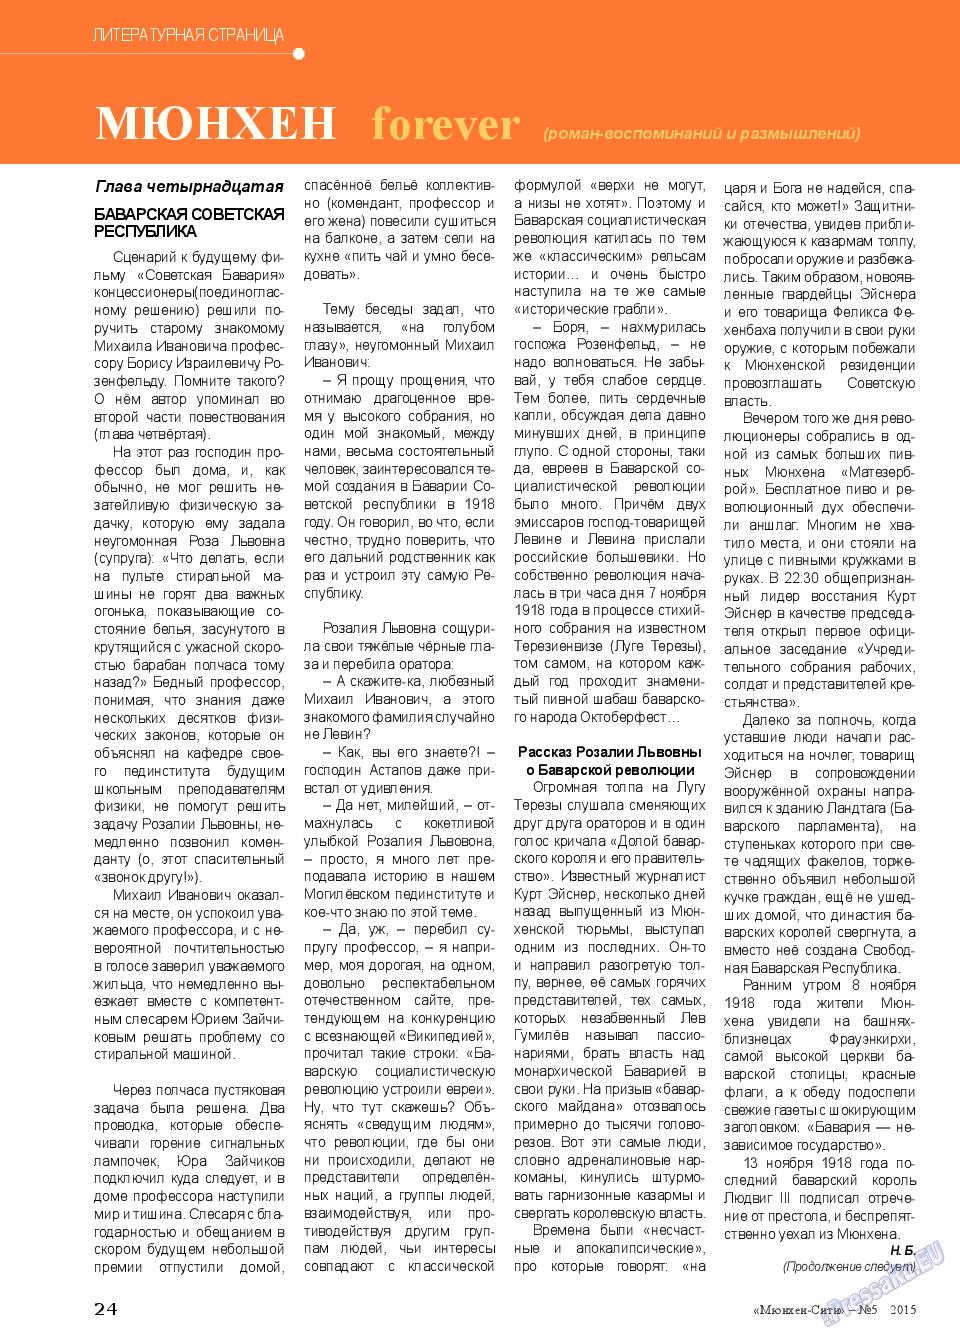 Мюнхен-сити (журнал). 2015 год, номер 5, стр. 24